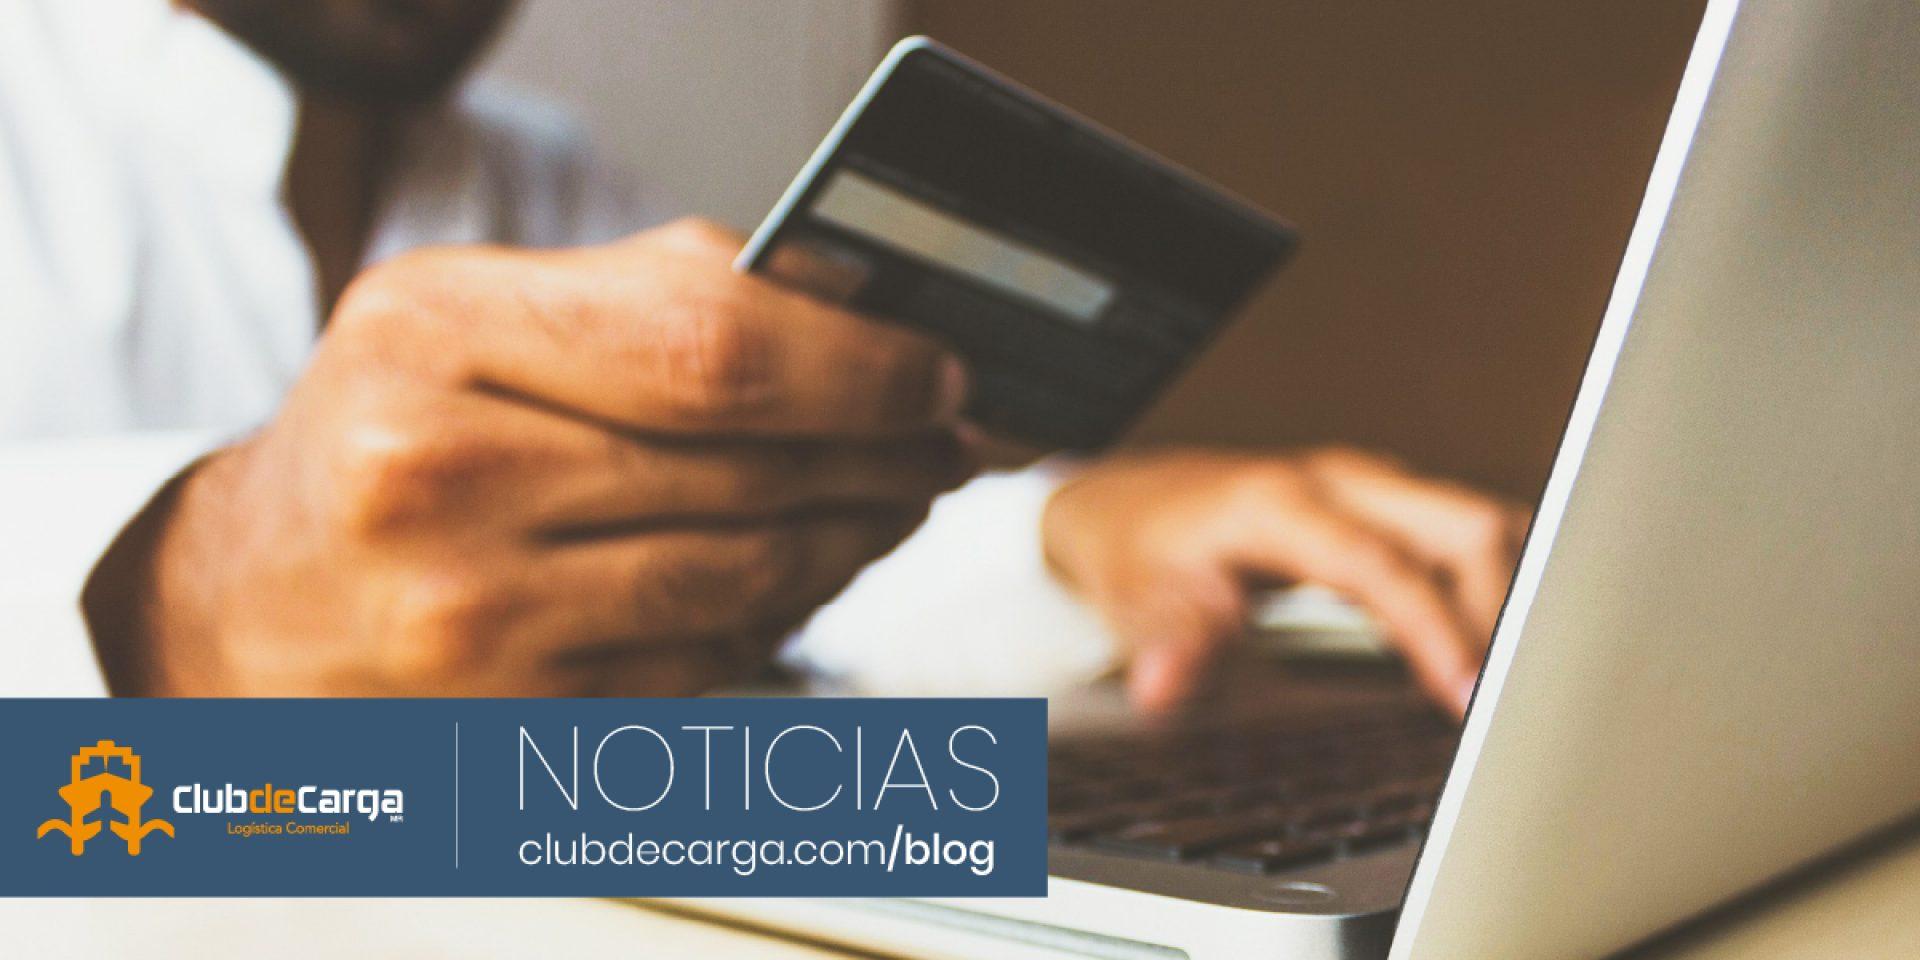 El e-commerce en México crecerá en un 16% en 2021